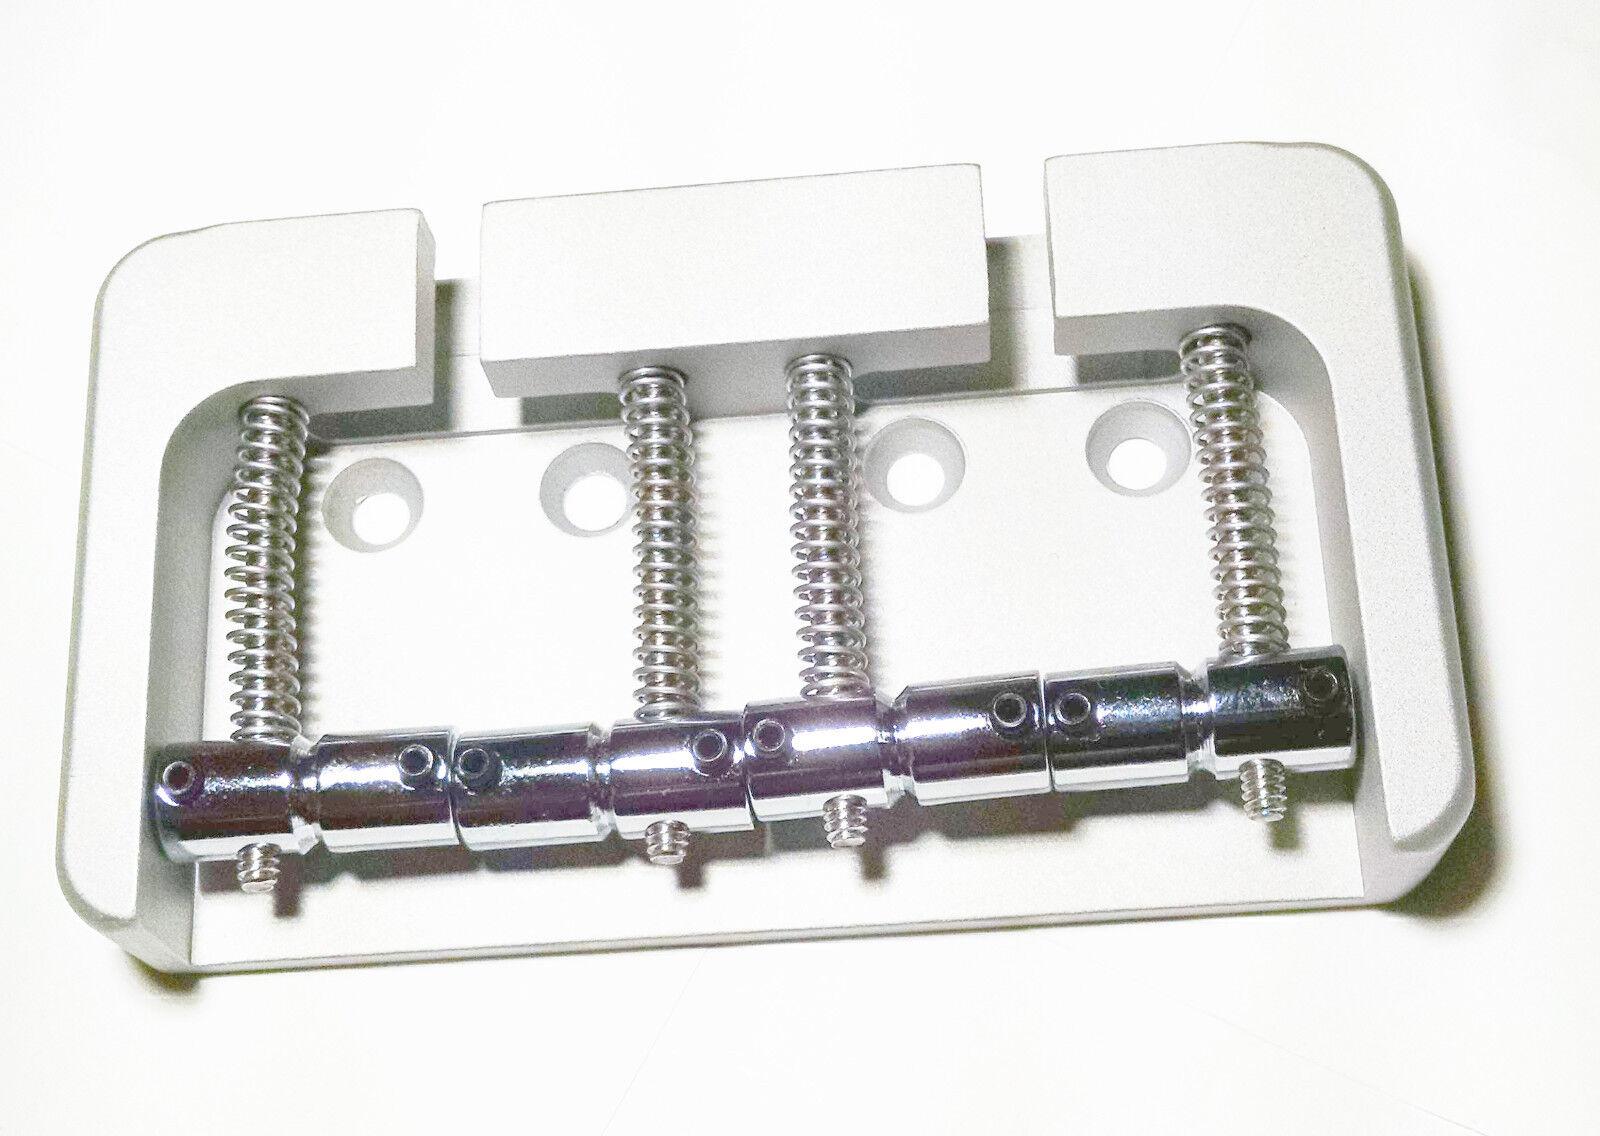 Brand new 4 string Hipshot B style aluminium satin chrome bass bridge 0.750 19mm